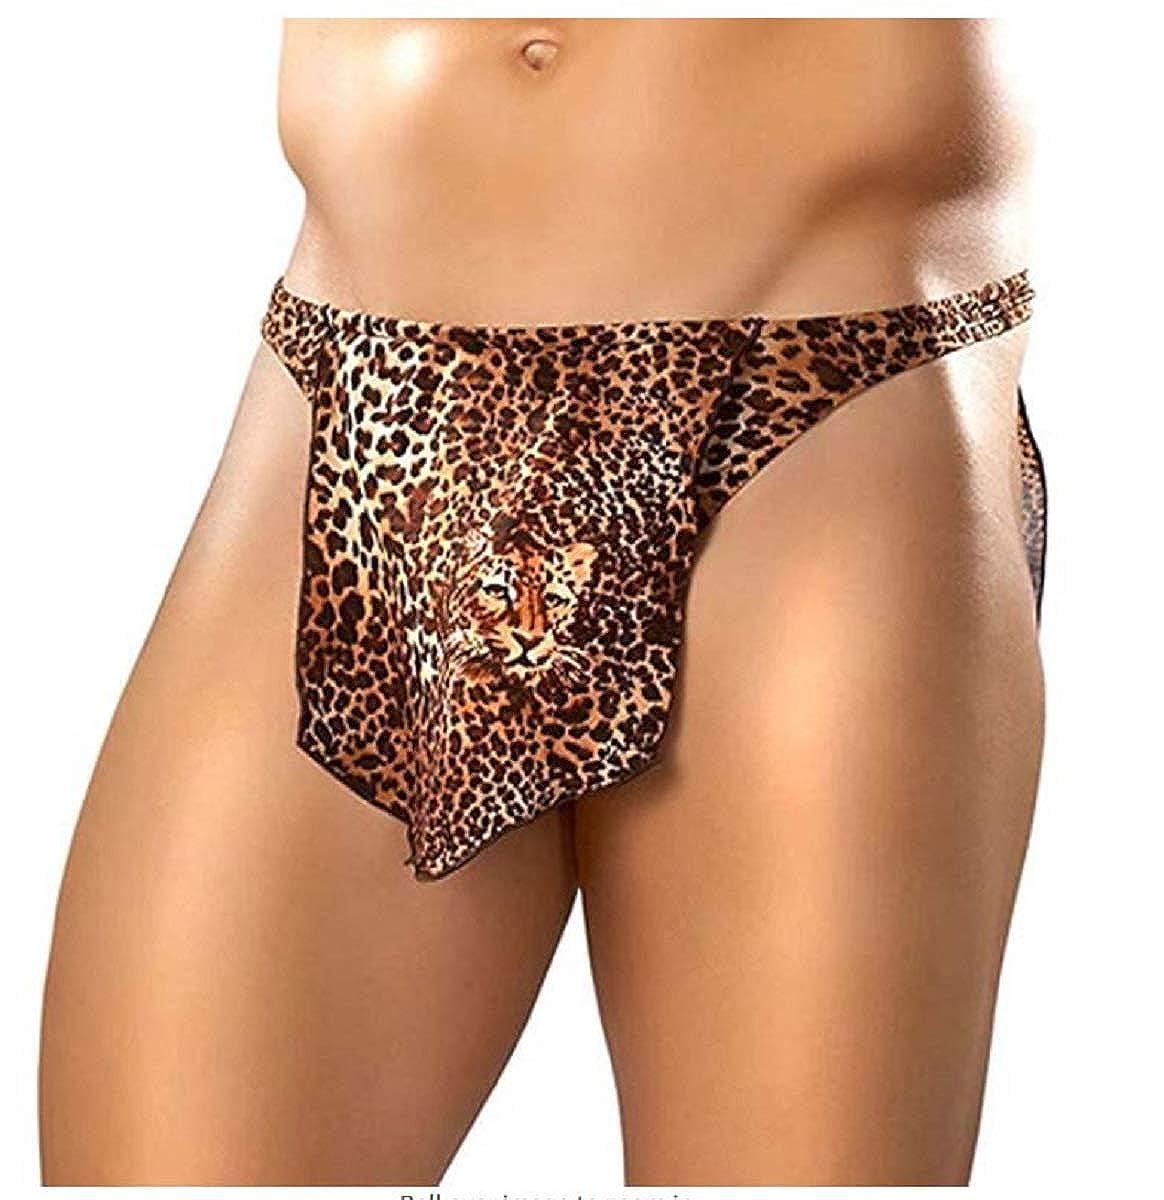 Tarzan Thong in Leopard Print One Size Male Power